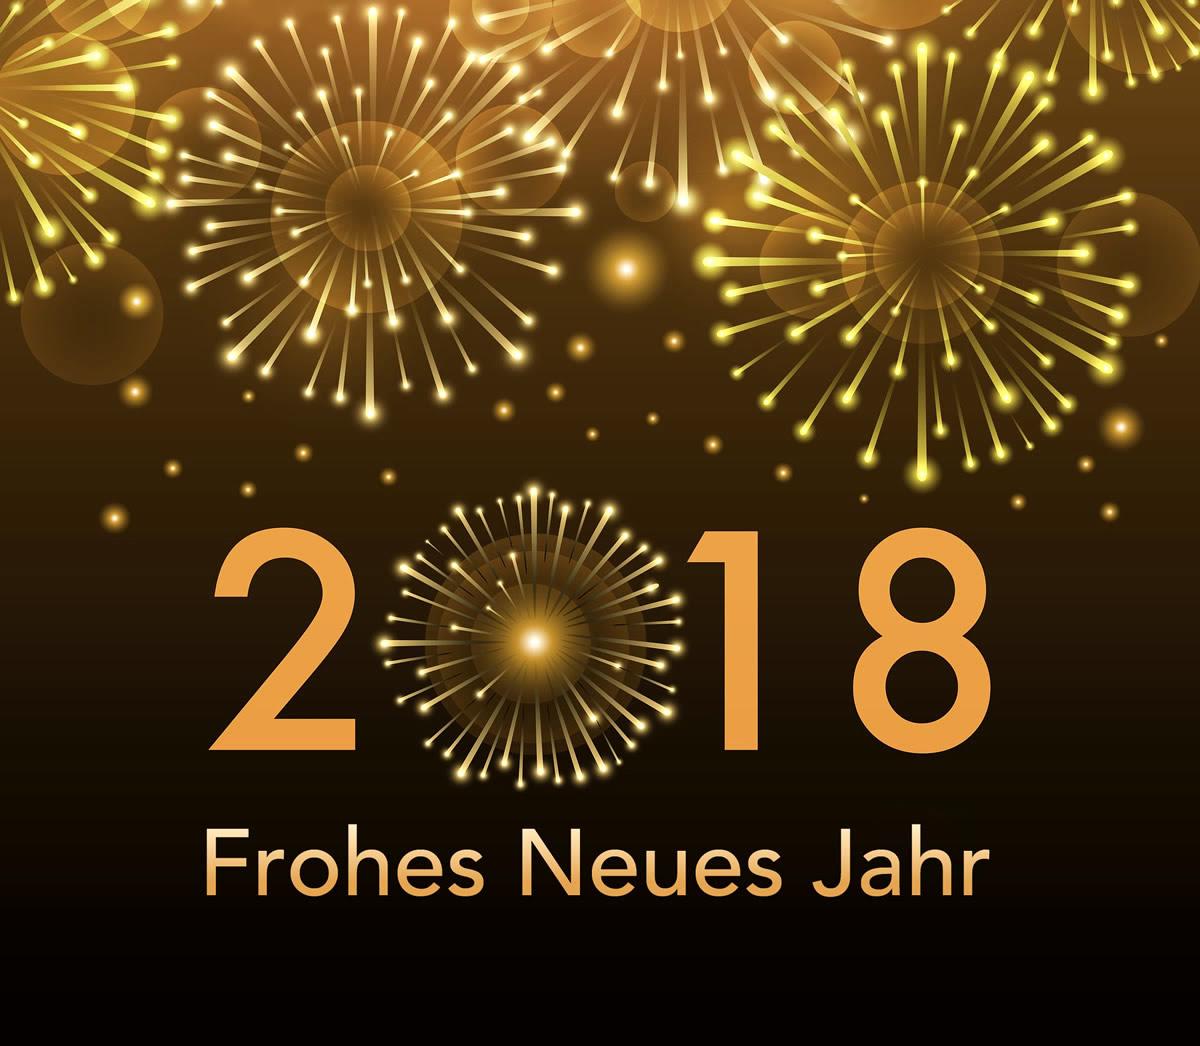 Bildergebnis für frohes neues jahr 2018